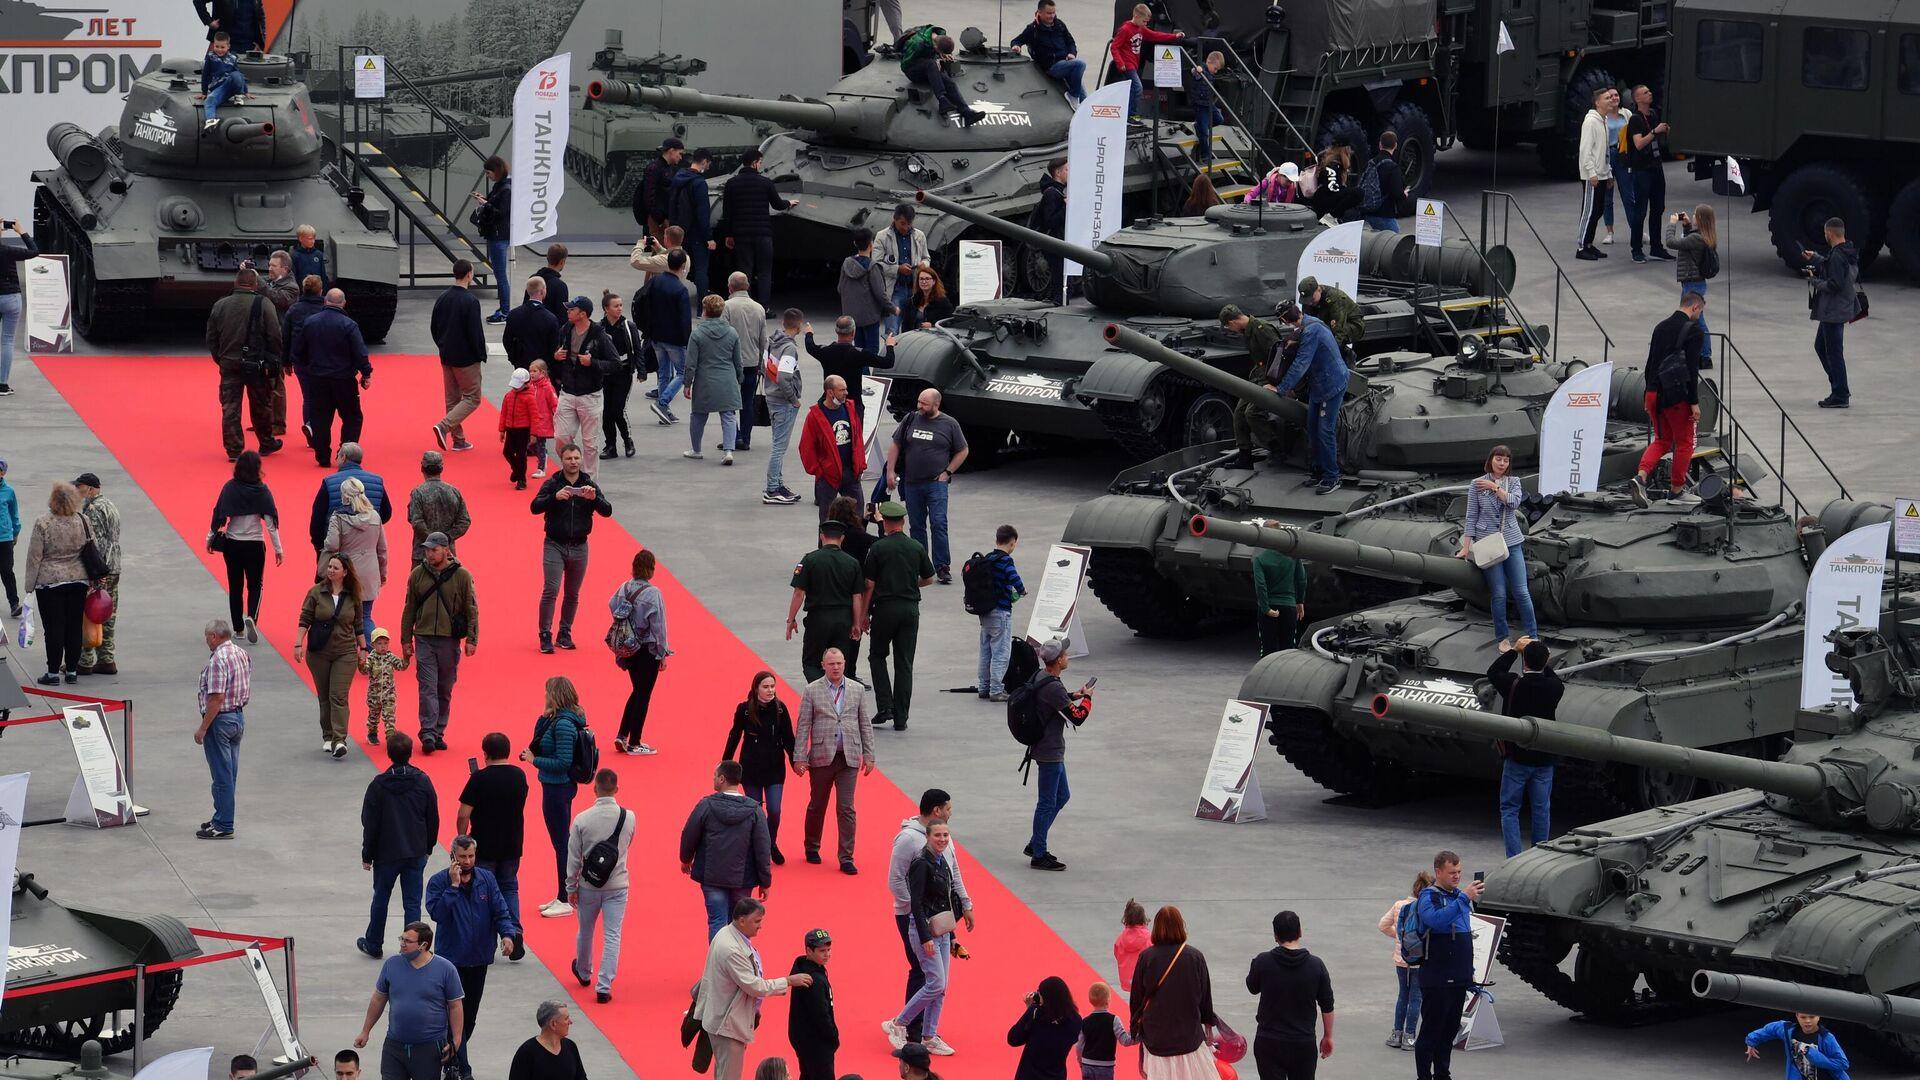 Посетители на выставке вооружений Международного военно-технического форума Армия-2020 в военно-патриотическом парке Патриот - РИА Новости, 1920, 09.09.2021